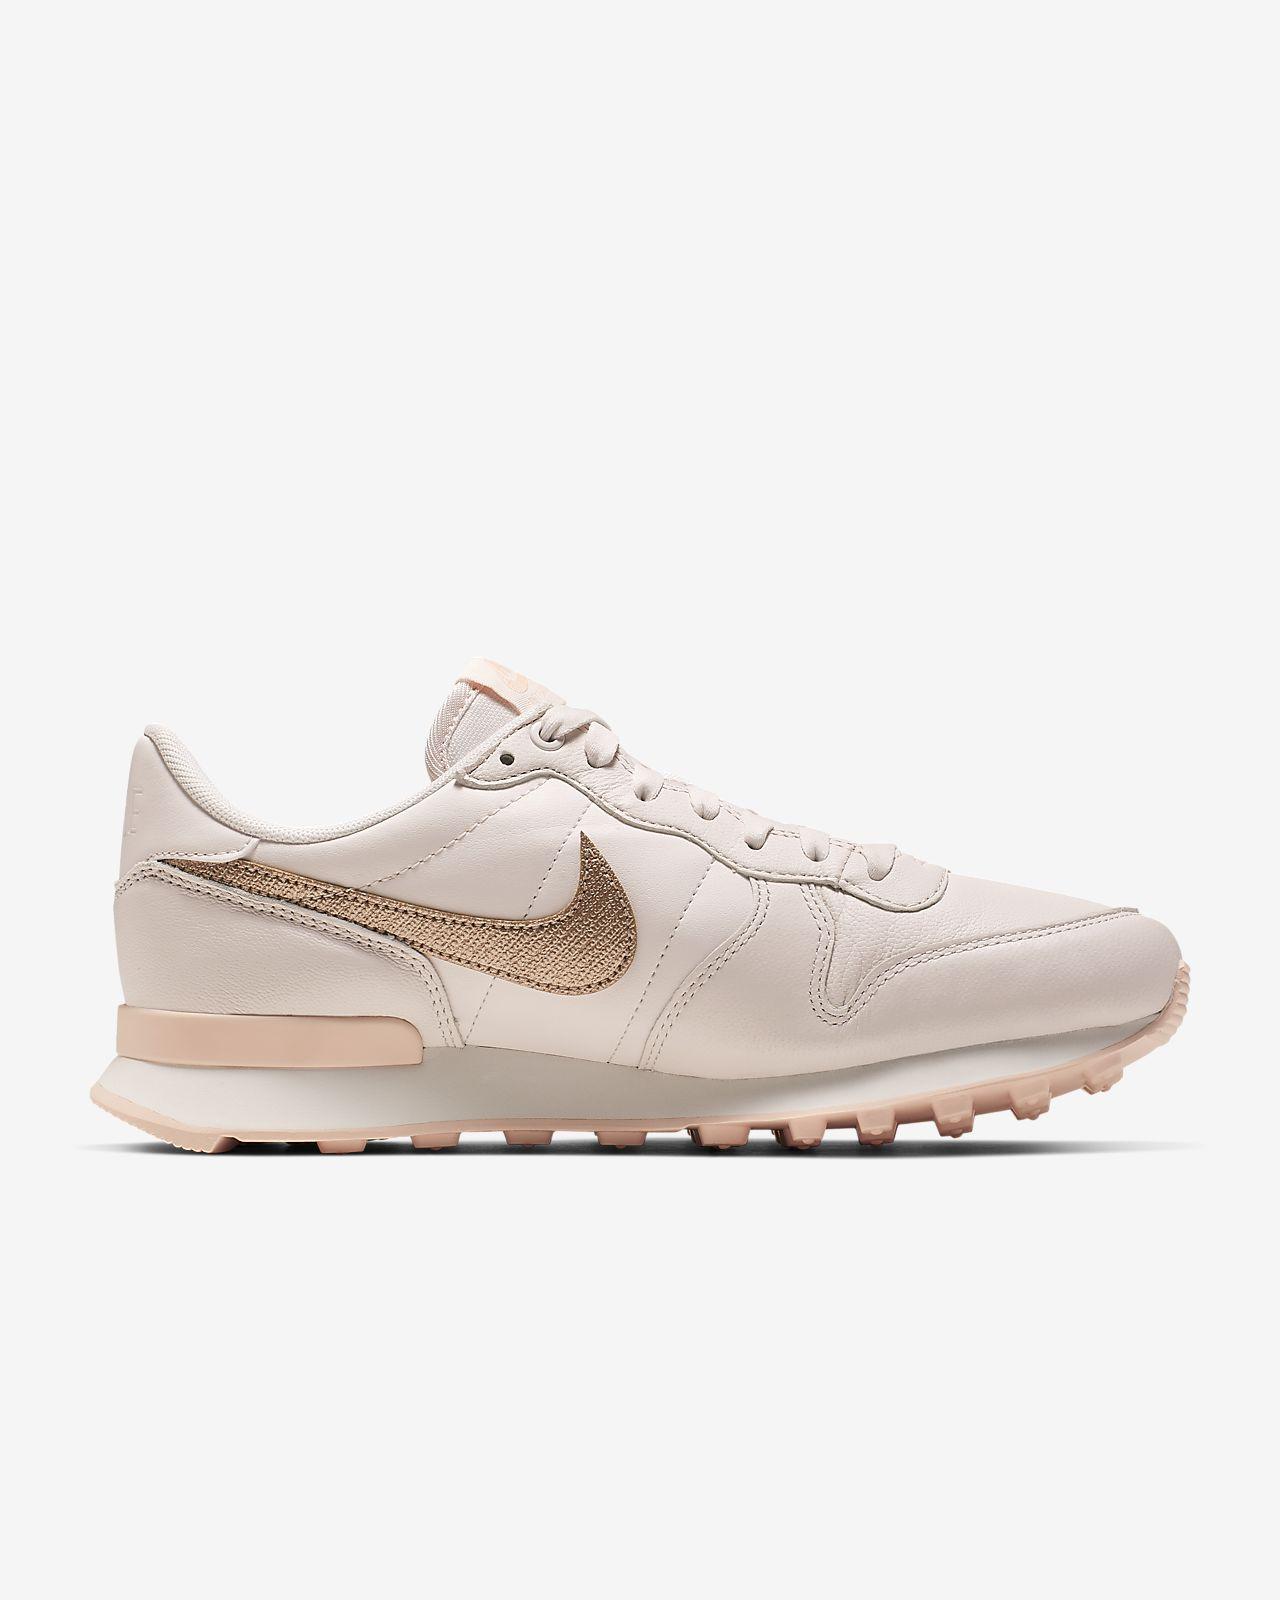 new concept cb0a5 e5f9e Nike Internationalist Premium